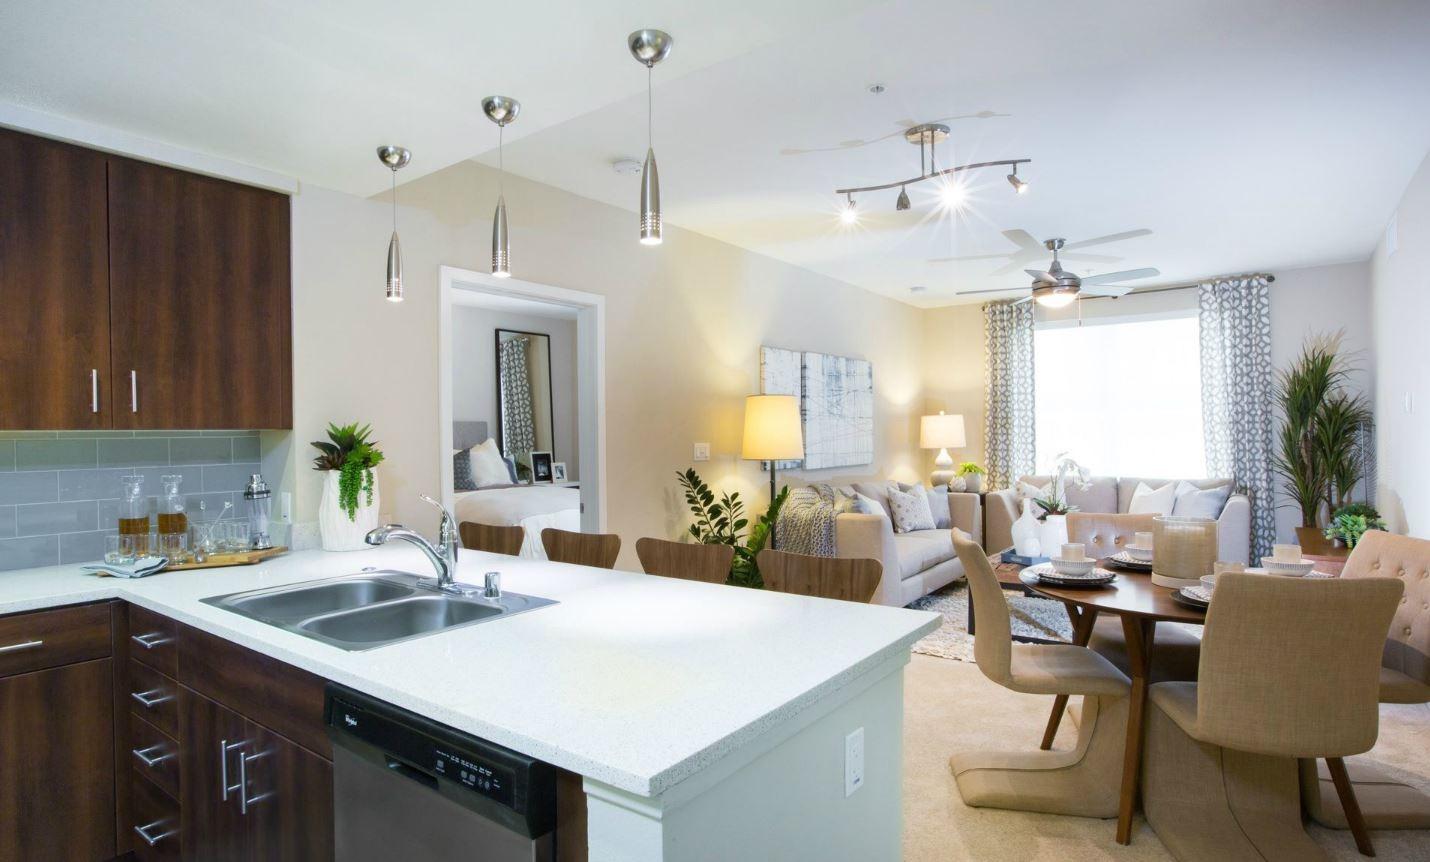 CBG builds Radius Apartments, a 264-Unit Luxury Apartment Community in Redwood City, CA - Image #8